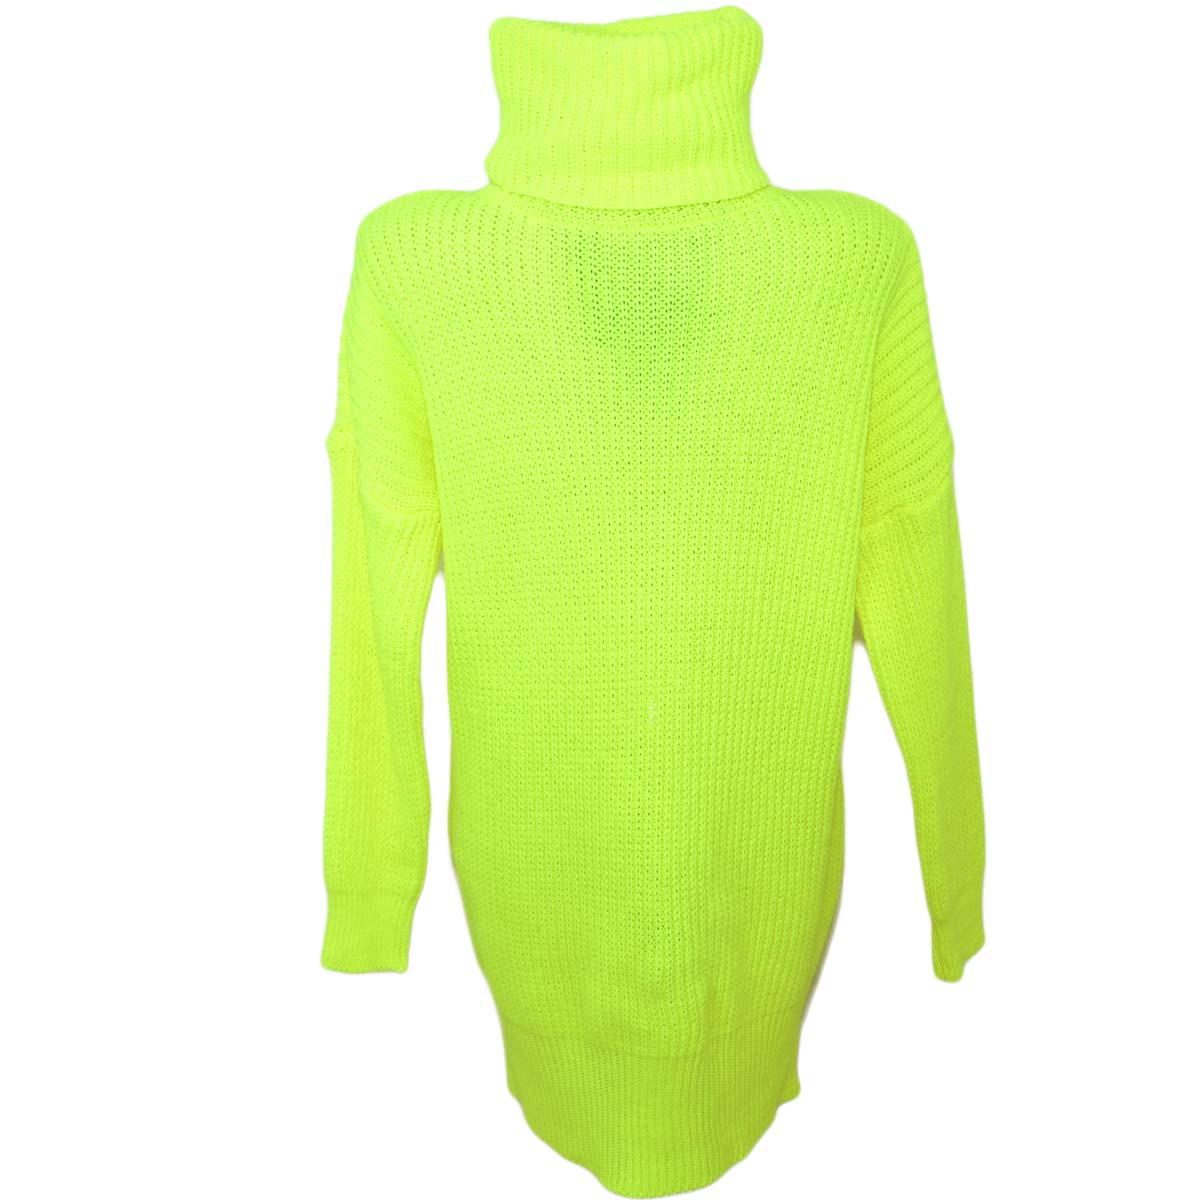 0250cc67dcba Maxi pull dolcevita donna giallo fluo lungo vestitino a collo alto maniche  lunghe tessitura larga moda. Passa il mouse sopra per eseguire zoom